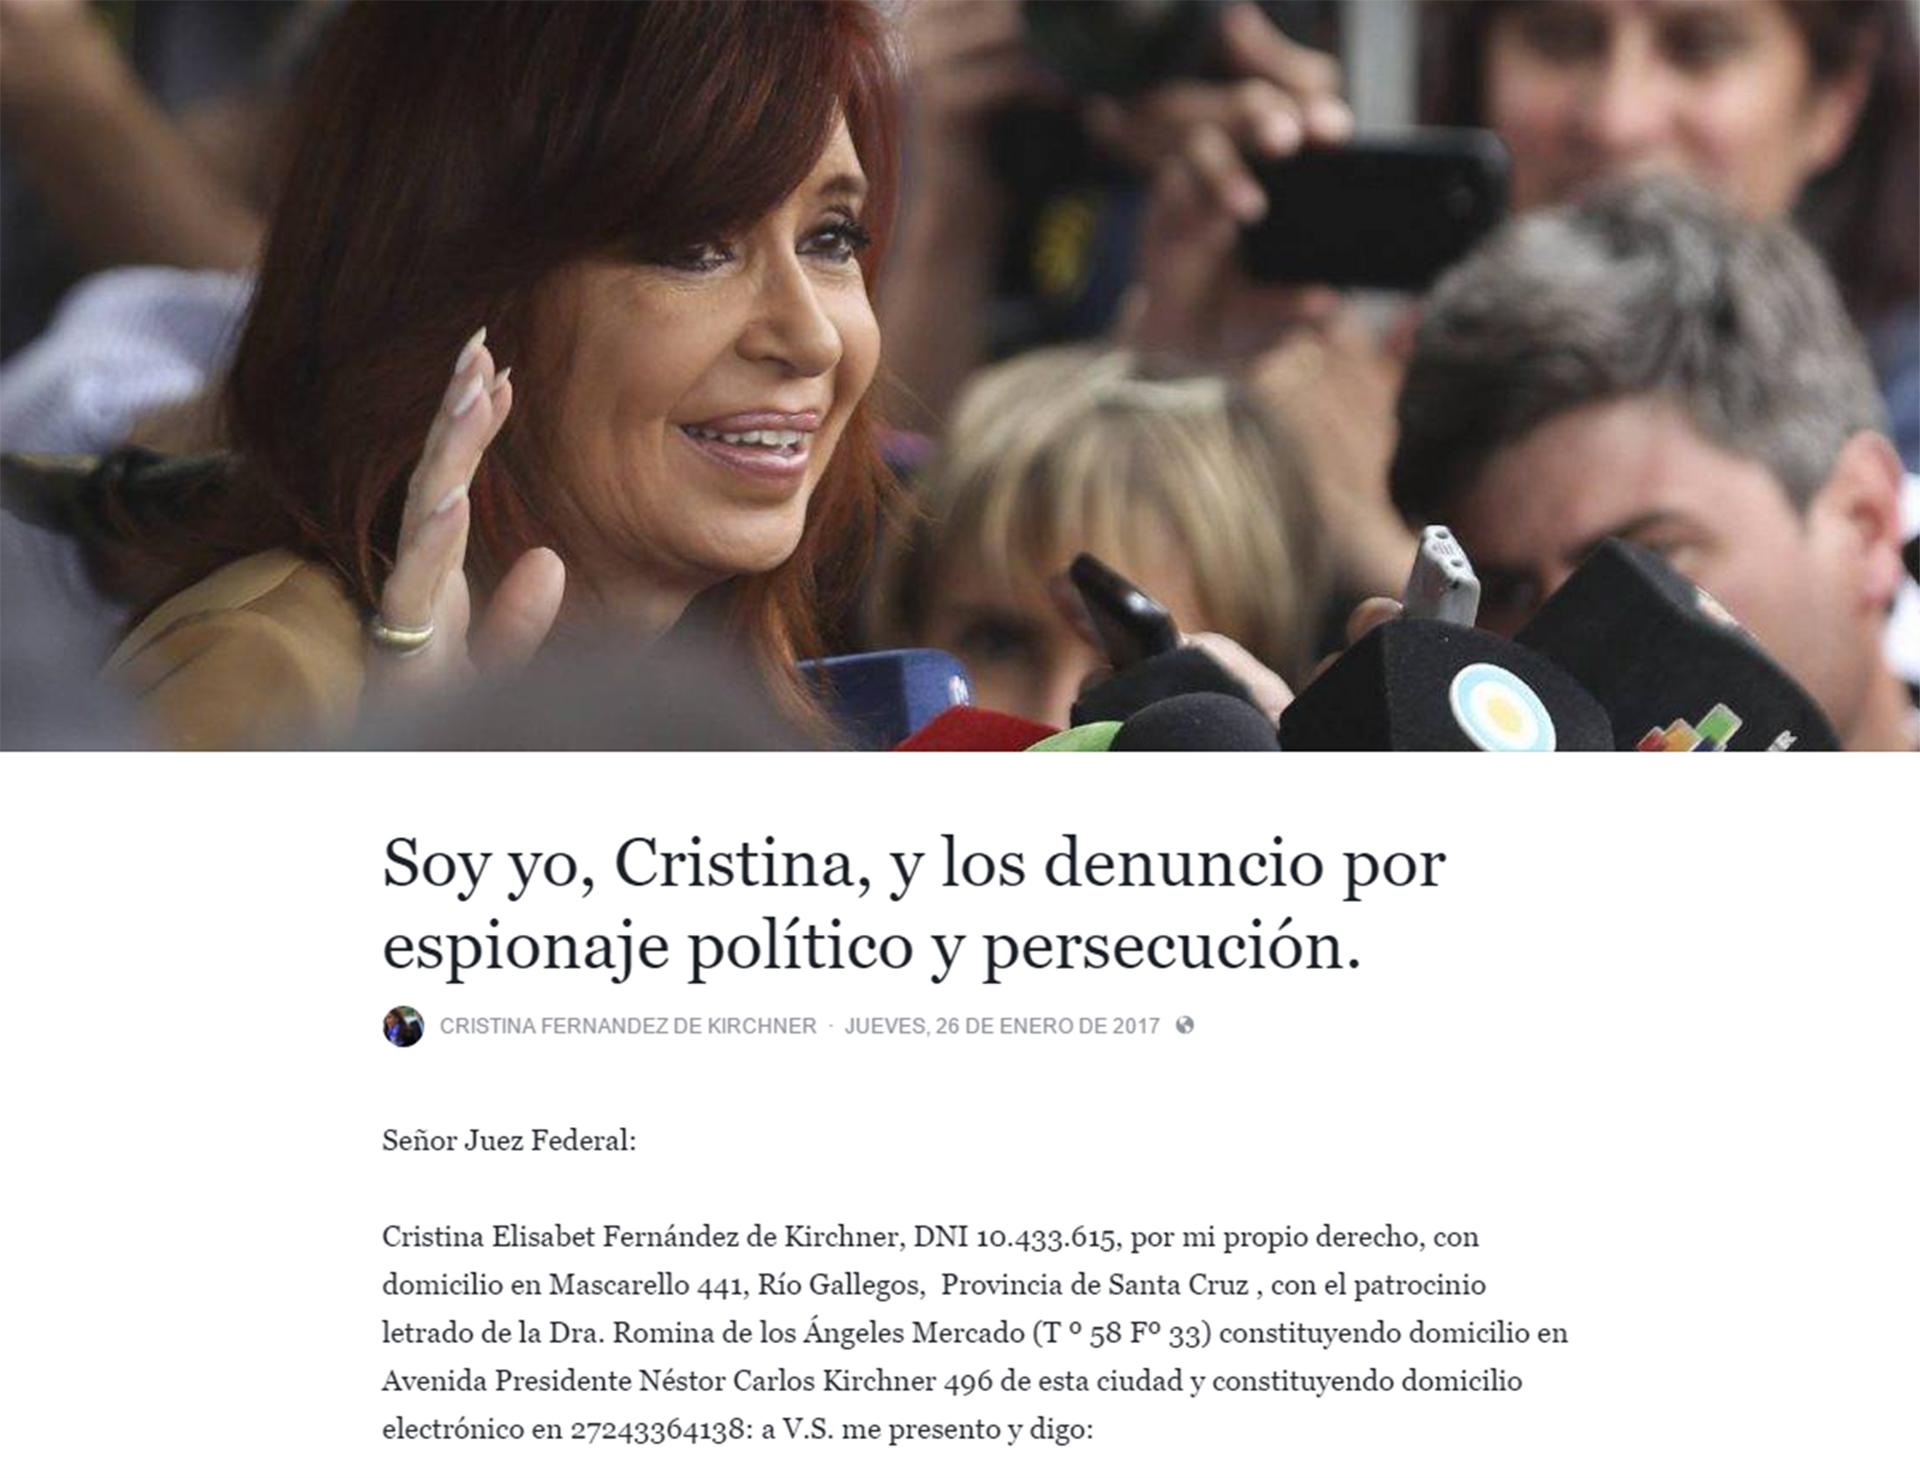 Cristina face SF